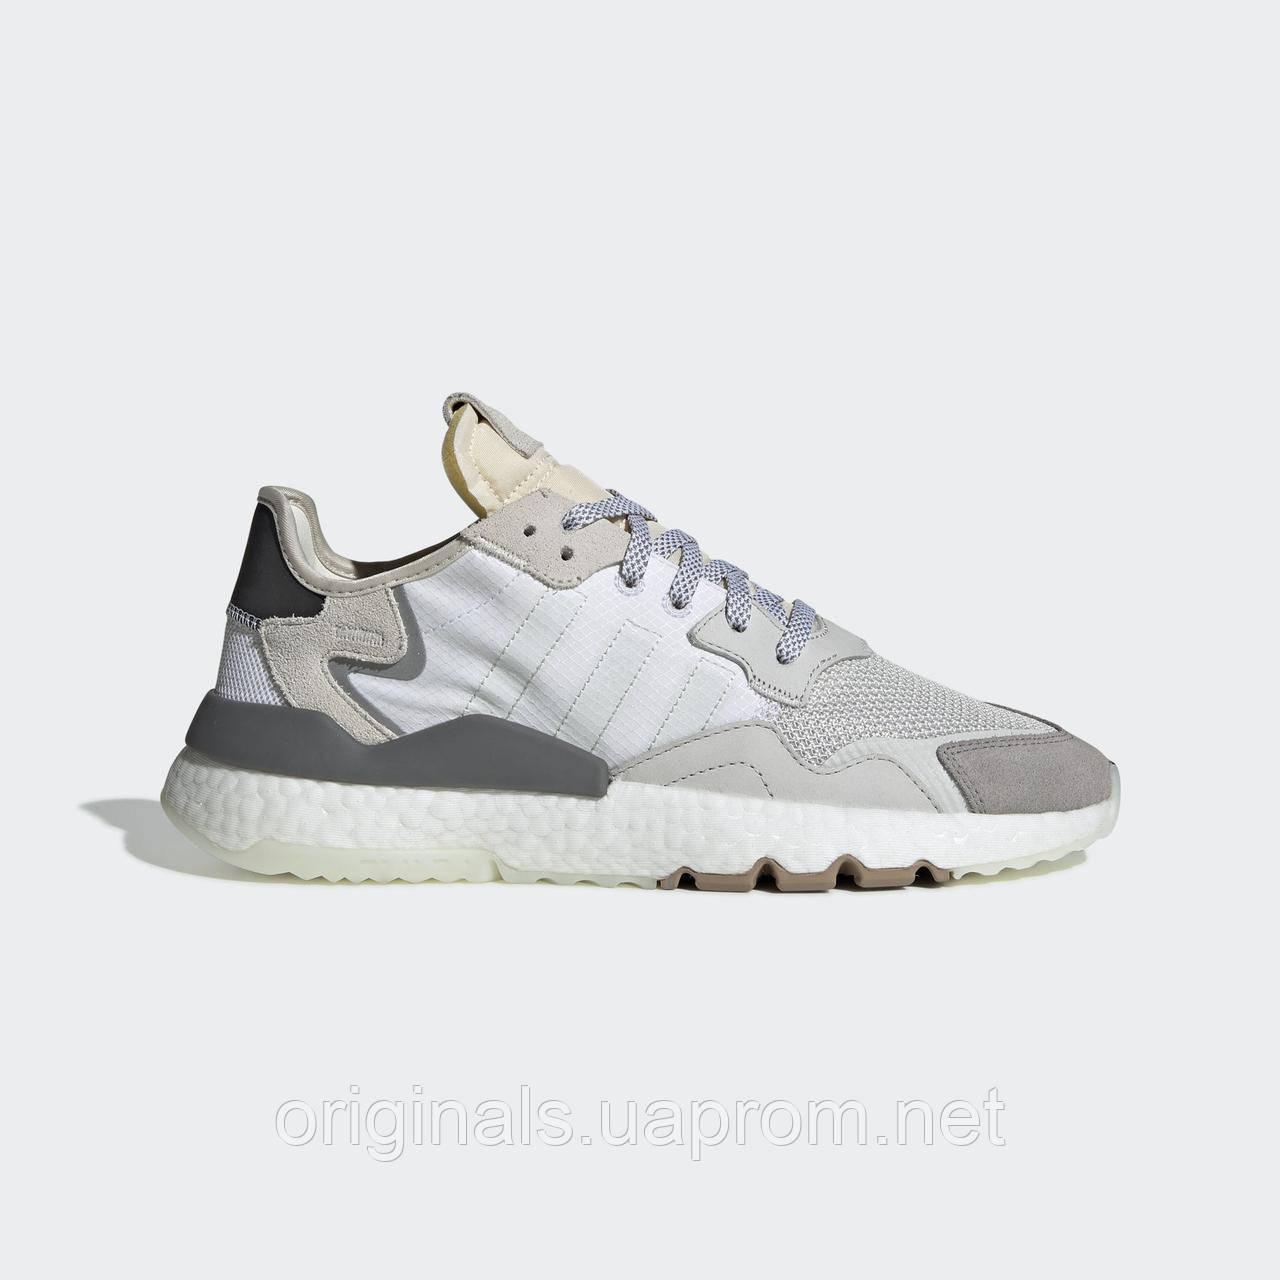 f4752c64 Мужские кроссовки Adidas Nite Jogger CG5950 - 2019 - интернет-магазин  Originals - Оригинальный Адидас